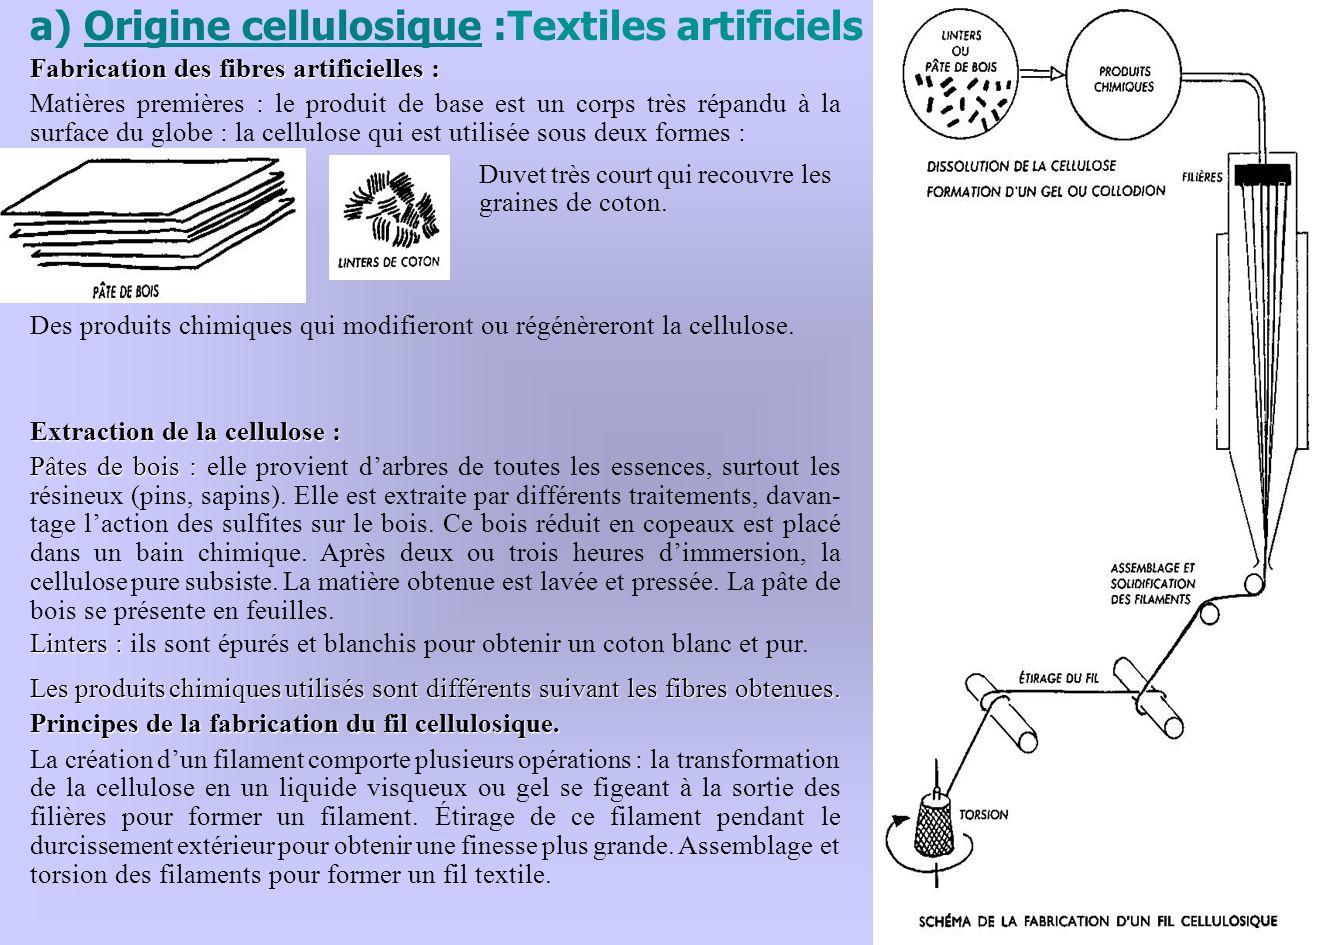 a) Origine cellulosique :Textiles artificiels Fabrication des fibres artificielles : Matières premières : le produit de base est un corps très répandu